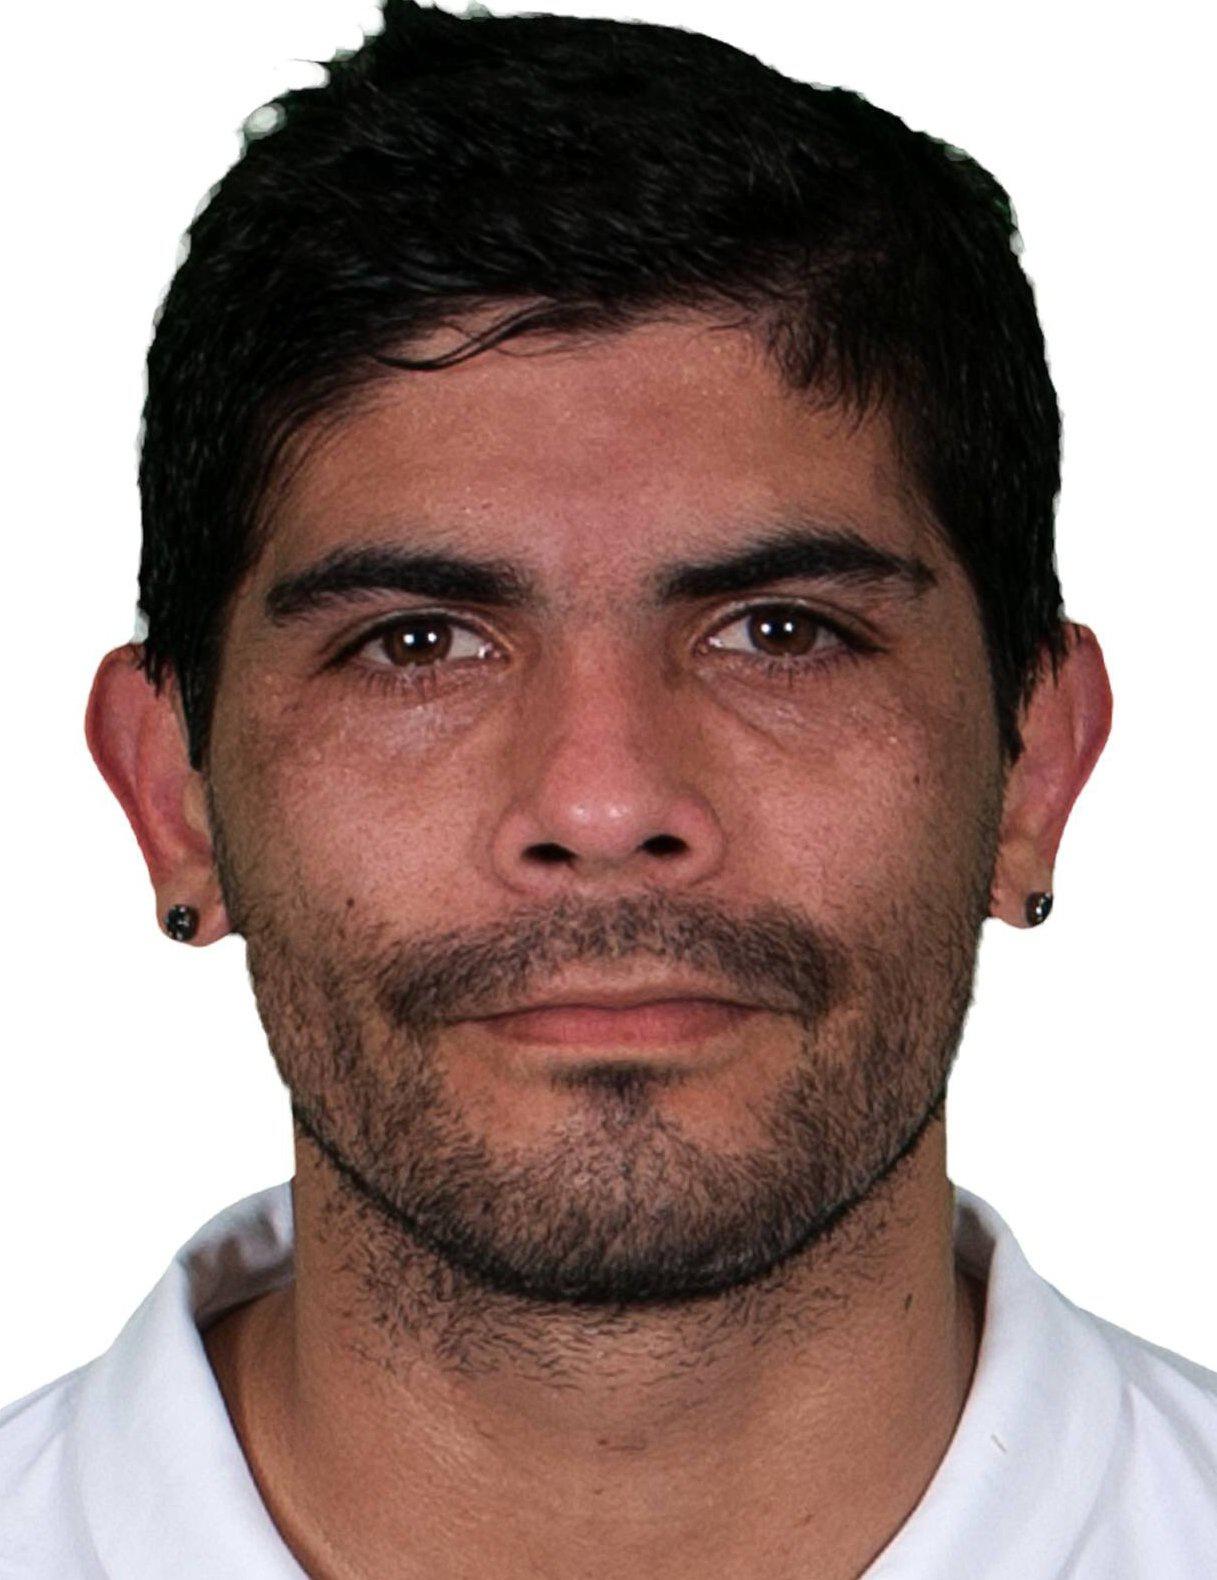 Ver banega profilo giocatore 17 18 transfermarkt for Roque mesa transfermarkt